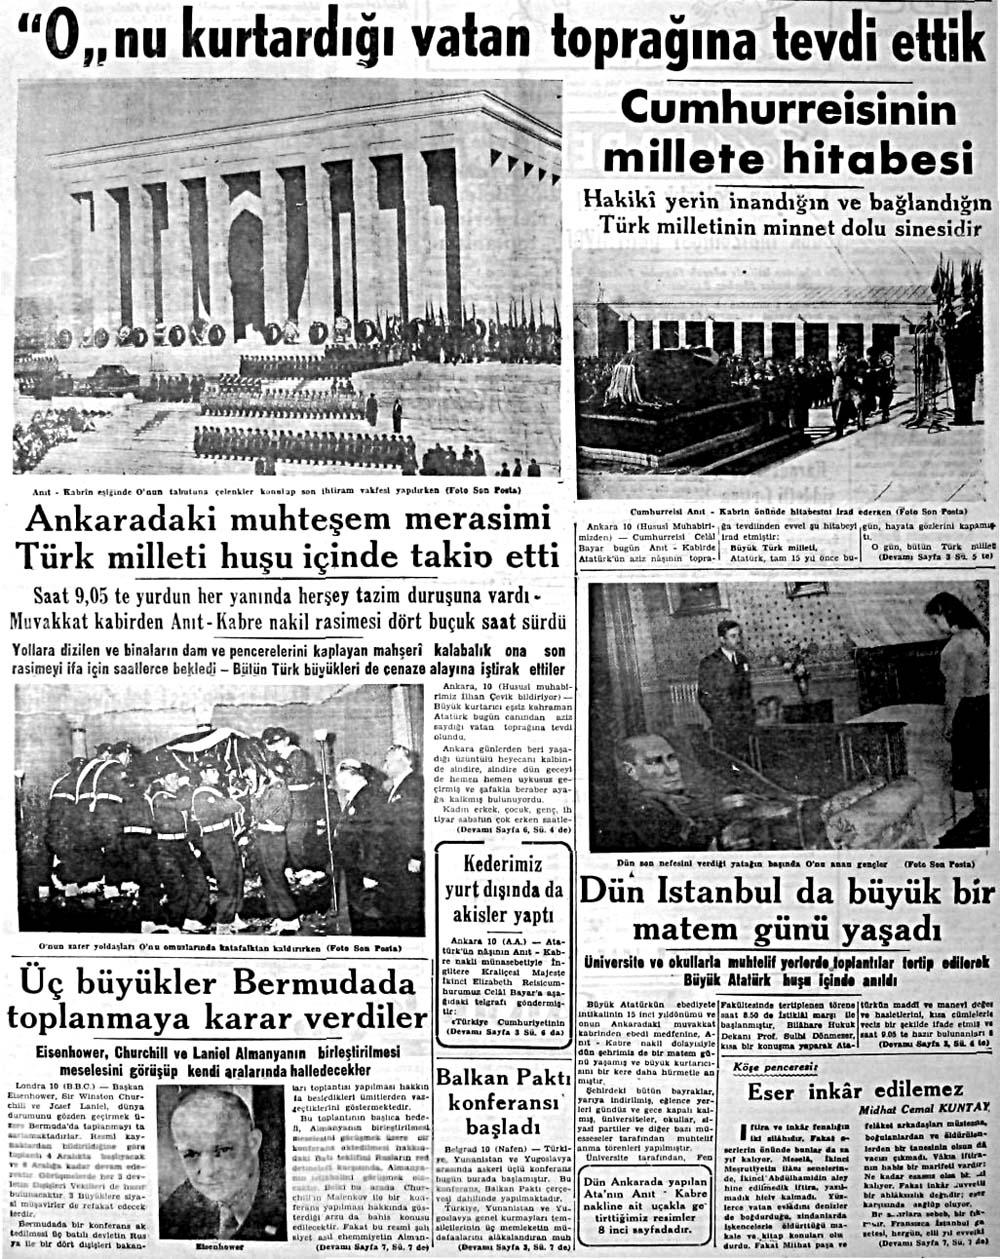 Ankaradaki muhteşem merasimi Türk milleti huşu içinde takip etti